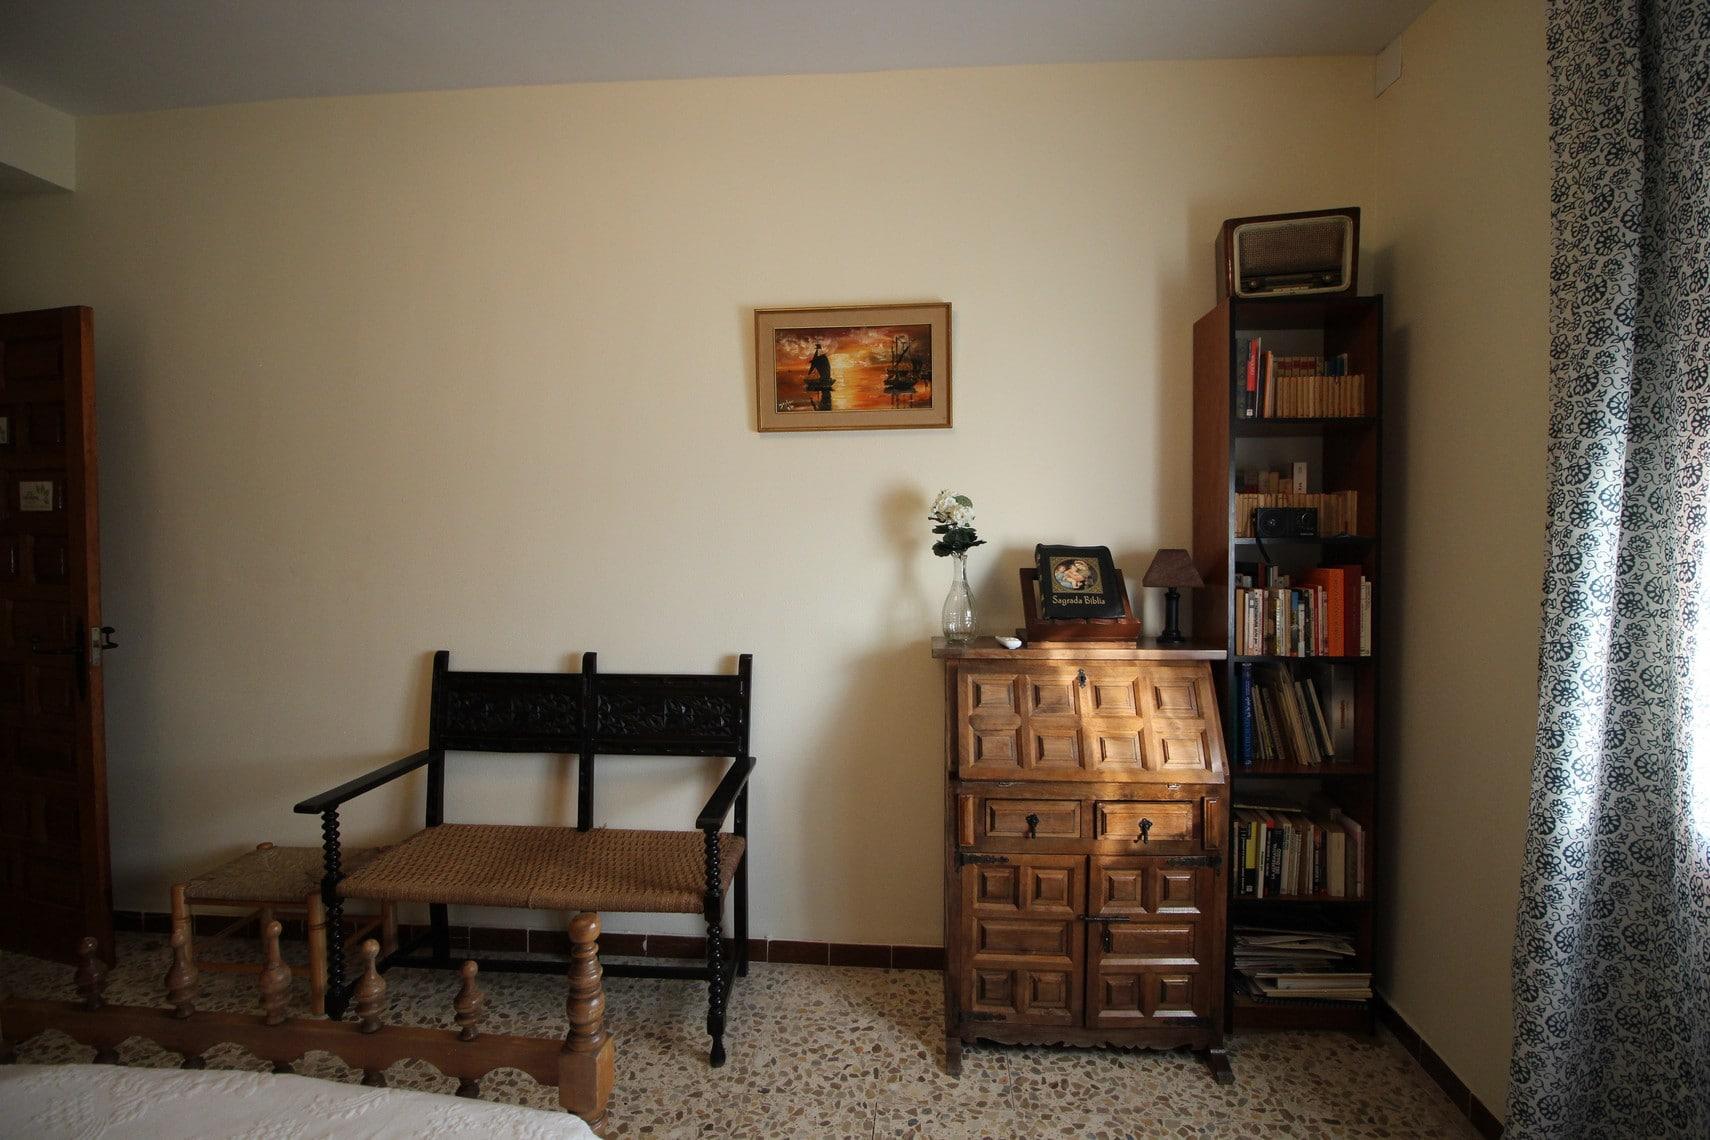 habitación1_las_hazas jarandilla014